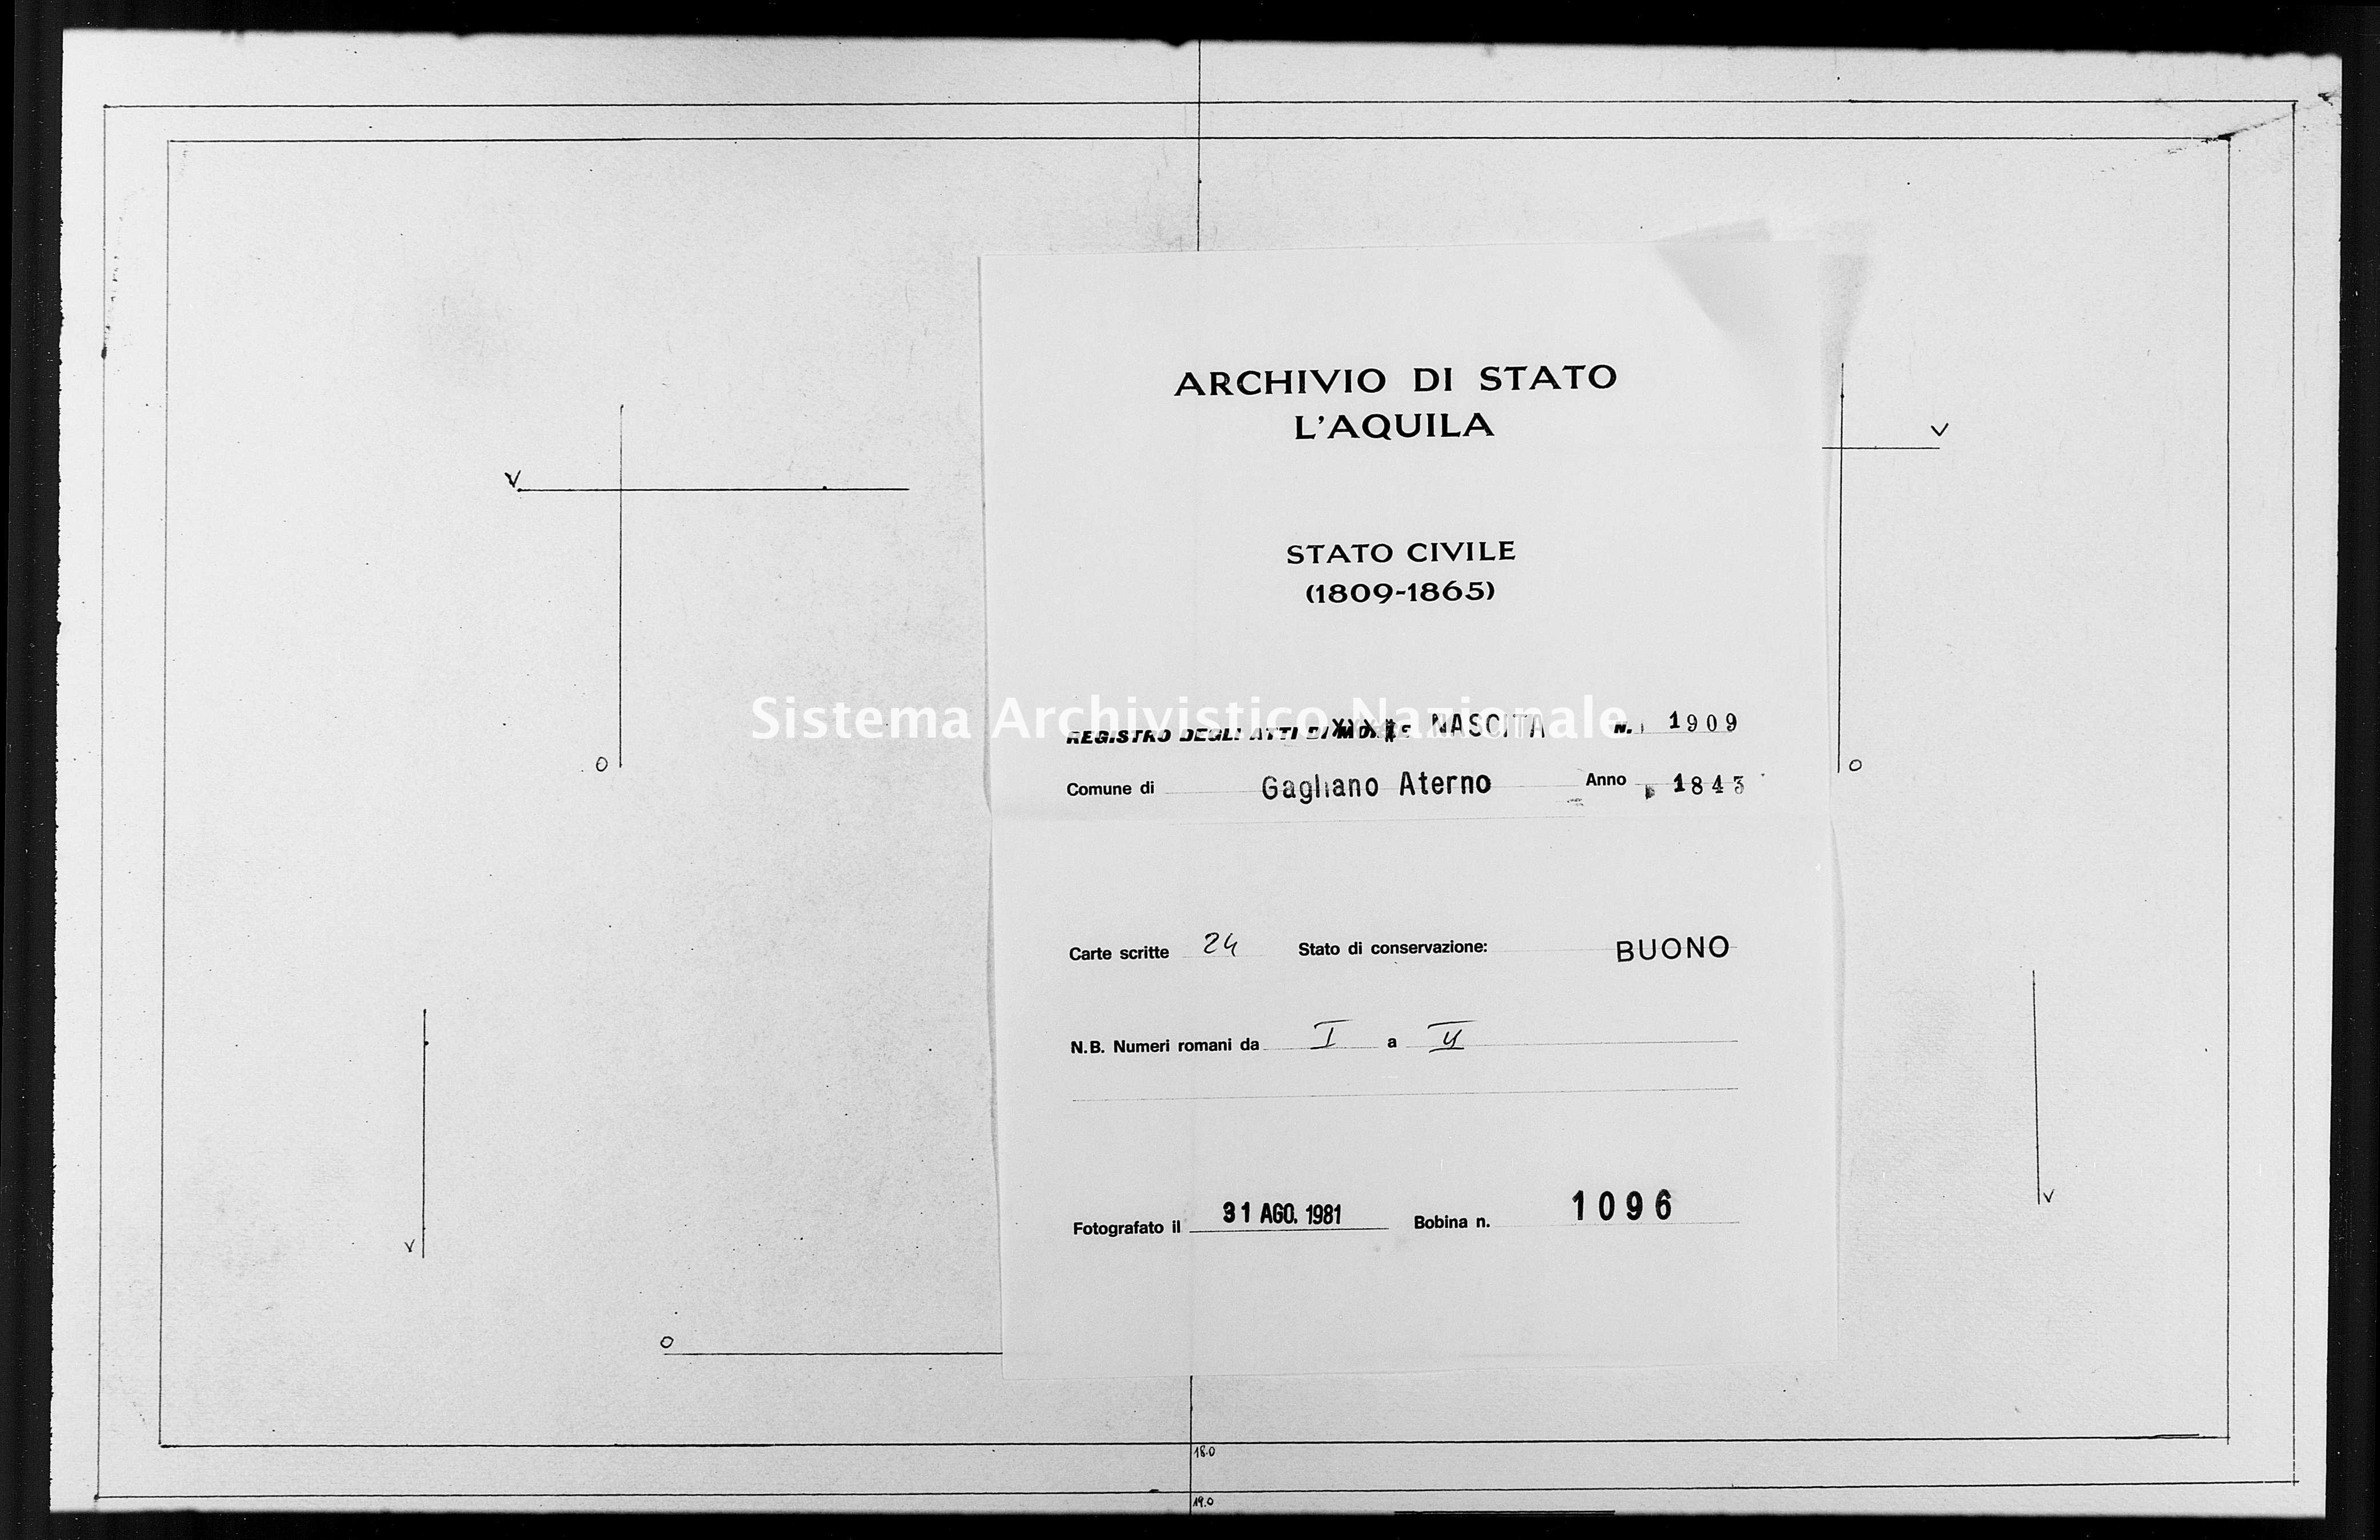 Archivio di stato di L'aquila - Stato civile della restaurazione - Gagliano Aterno - Nati - 1843 - 1909 -